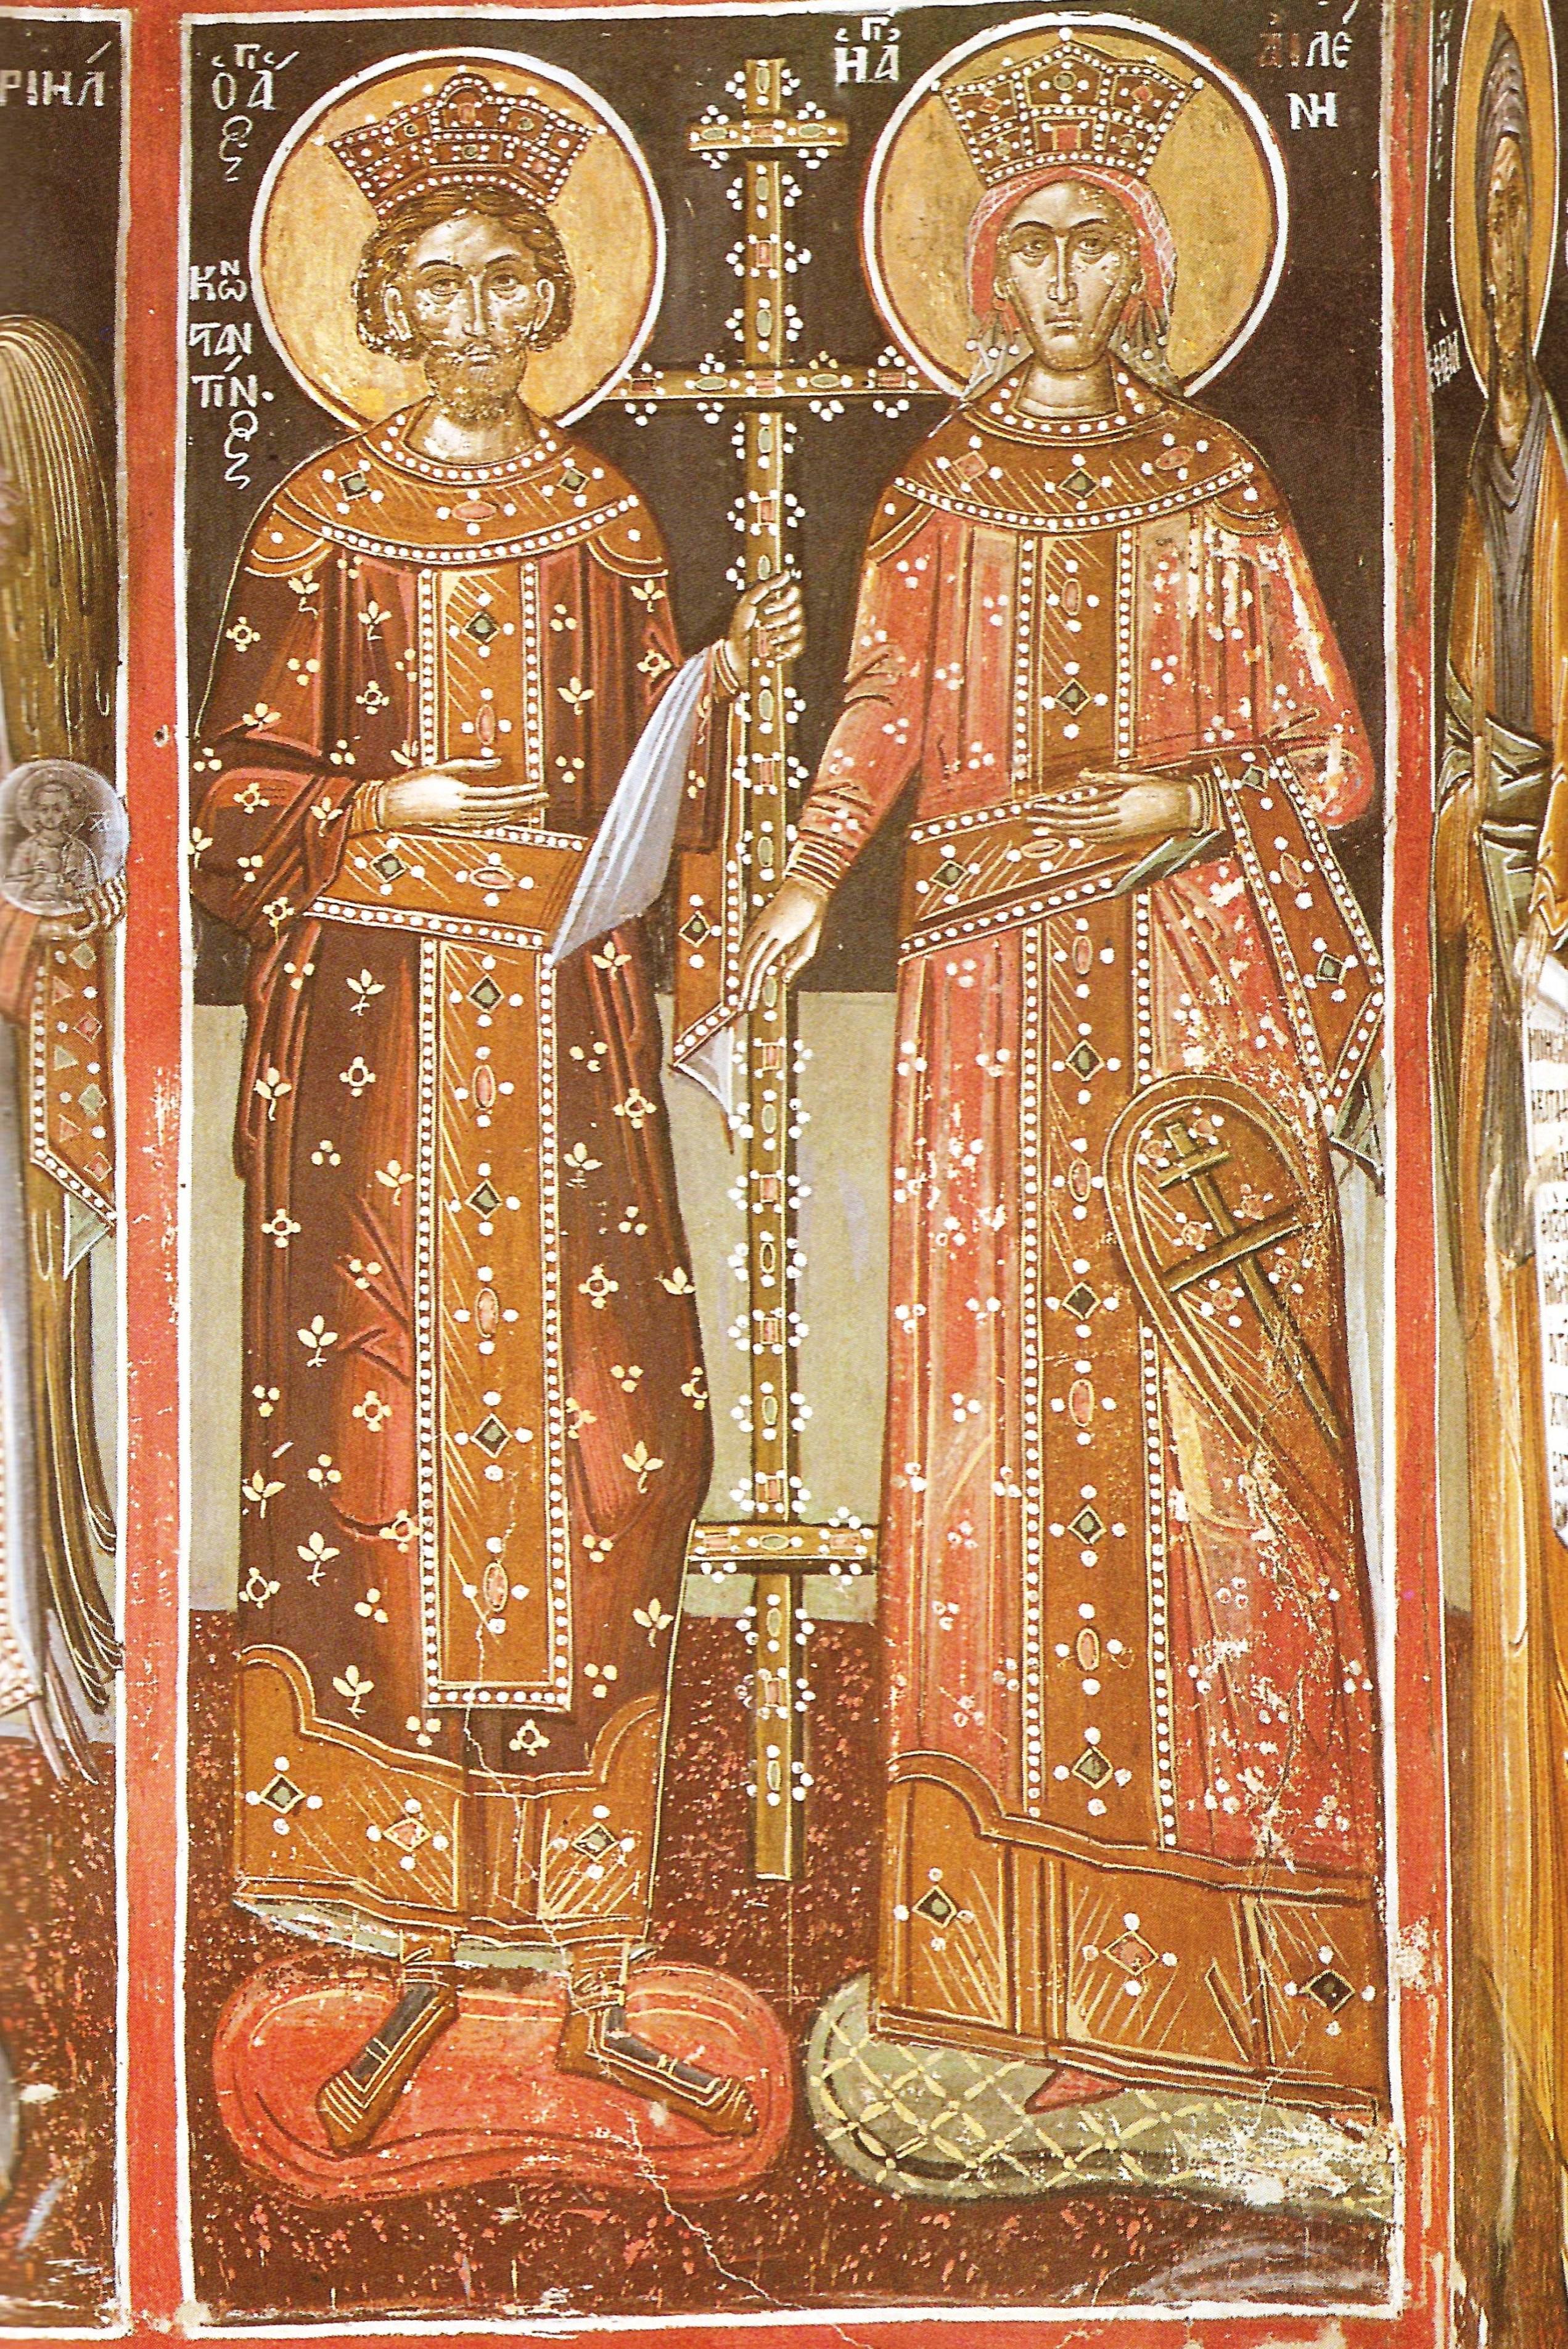 Οι ένδοξοι Θεόστεπτοι βασιλείς και ισαπόστολοι Κωνσταντίνος και Ελένη. Τοιχογραφία καθολικού Ι.Μ. Ρουσάνου Μετεώρων.